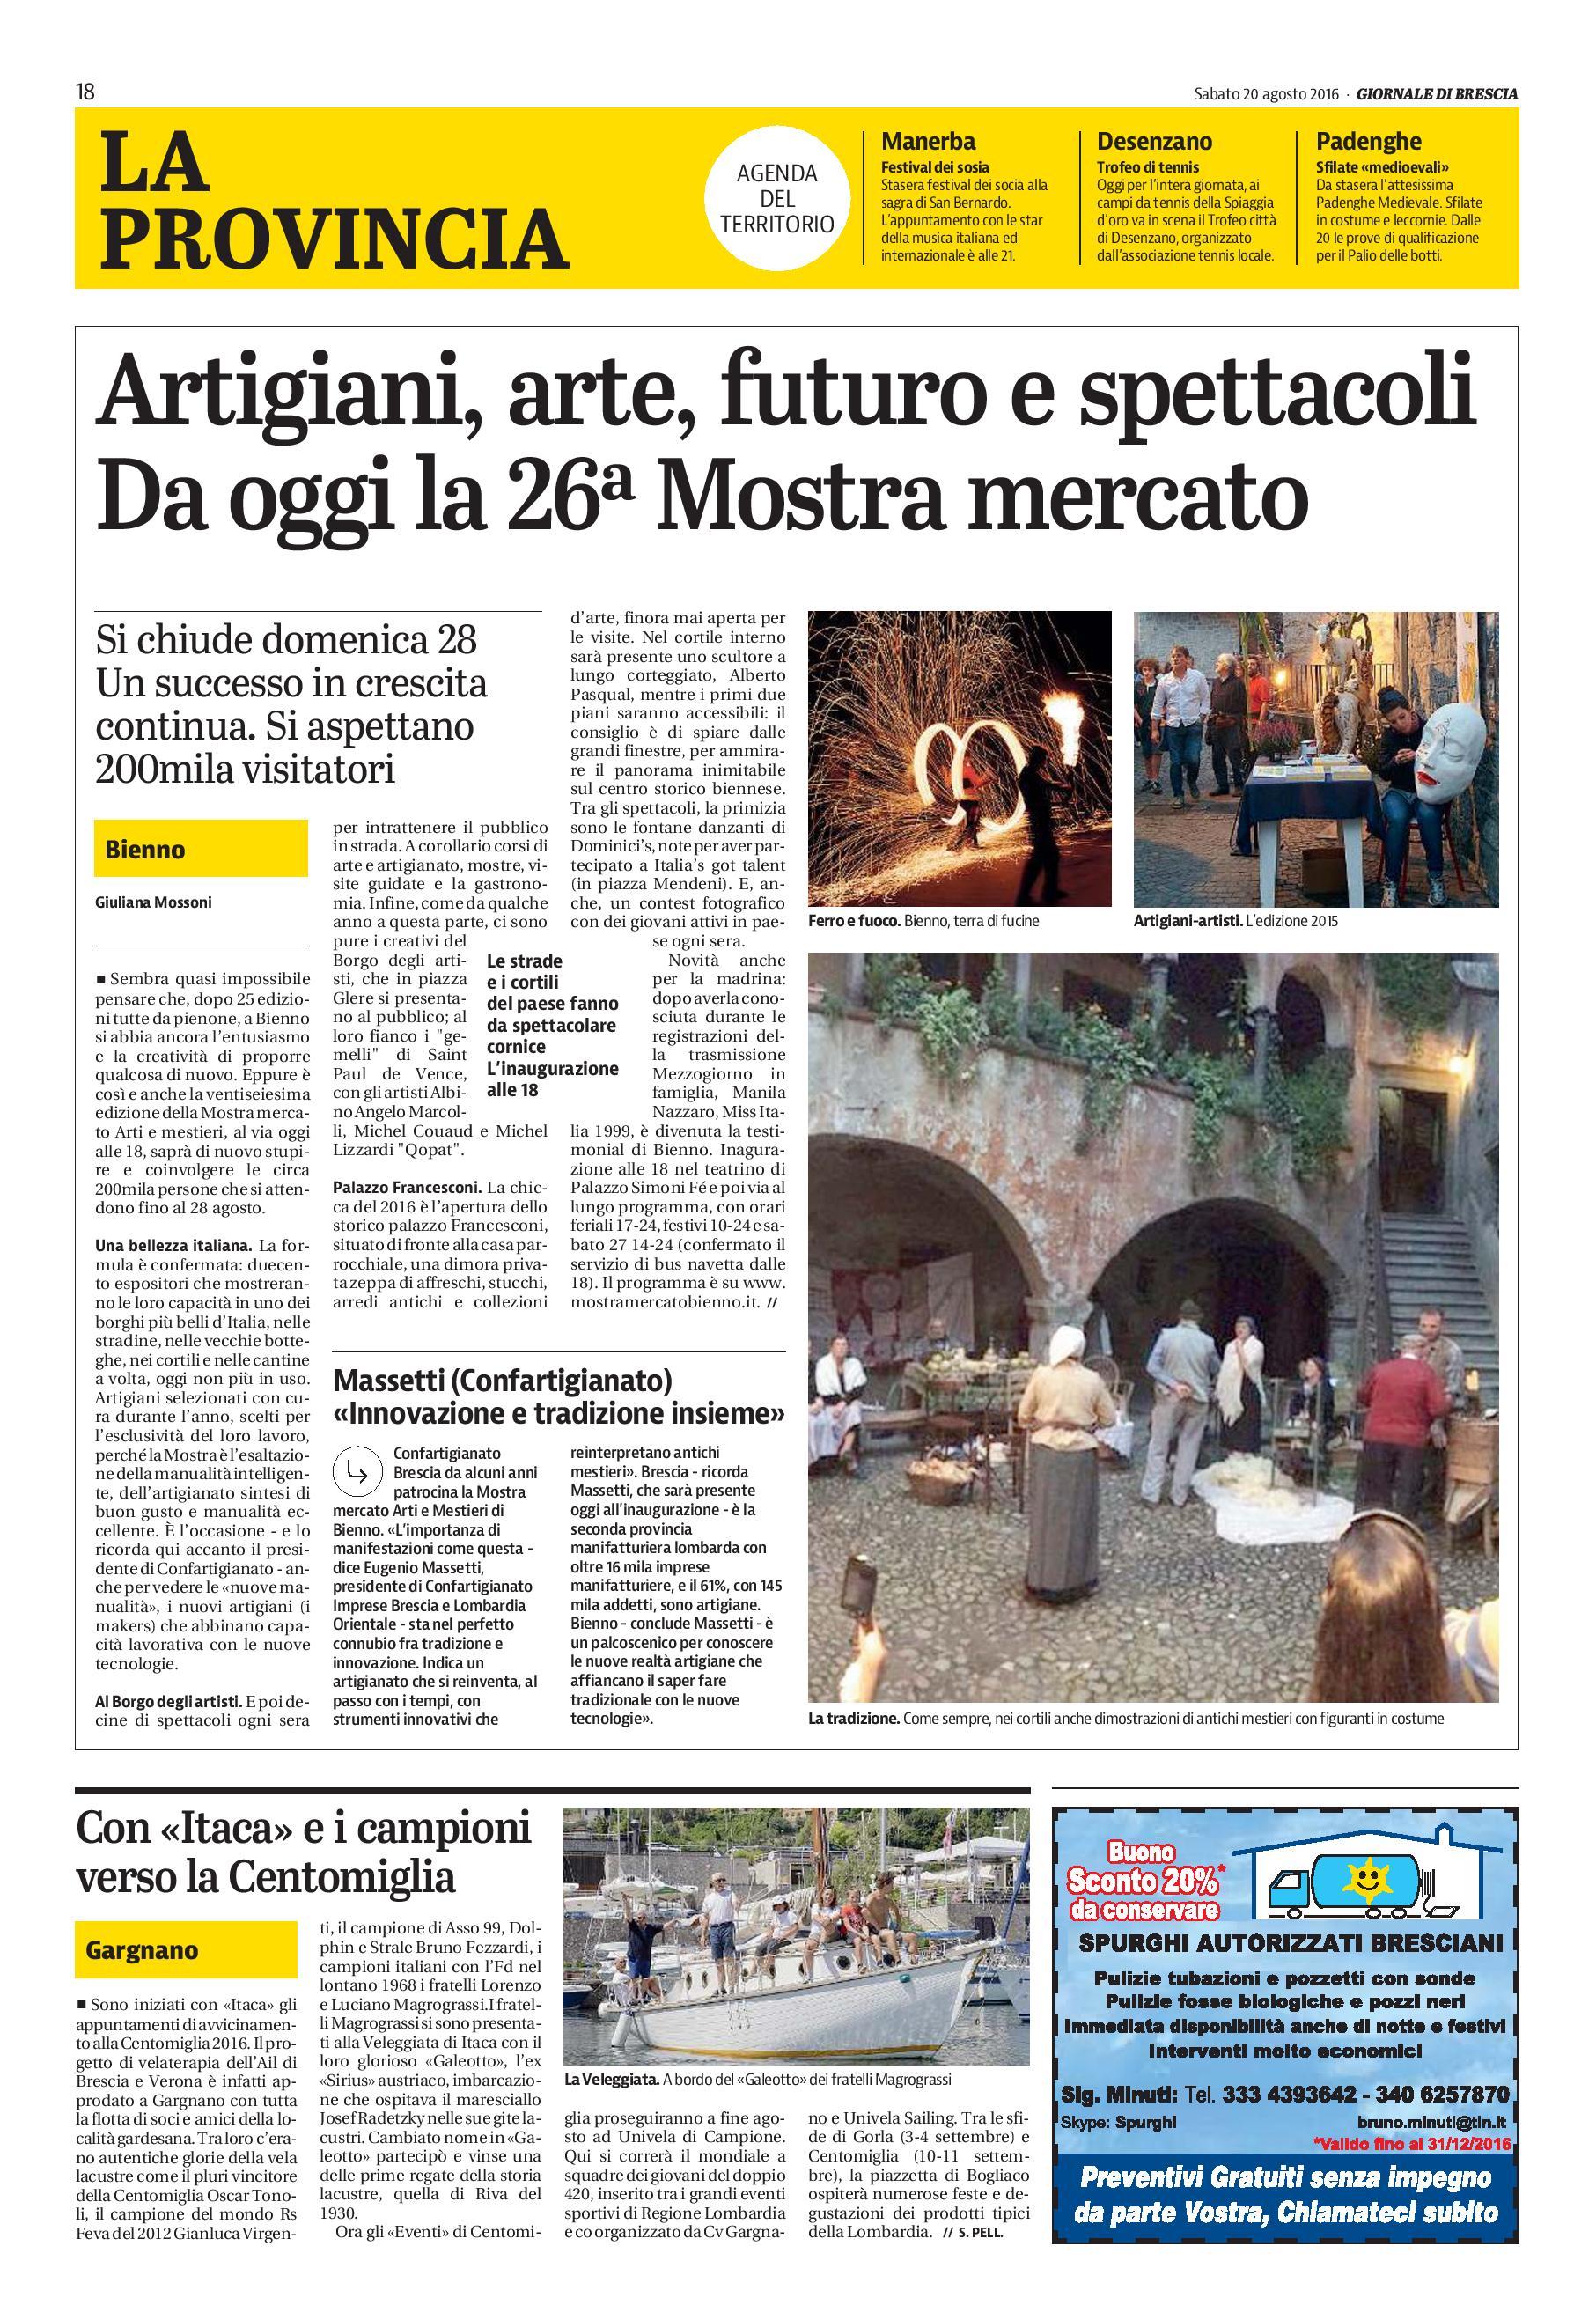 Giornale di Brescia - la provincia - sabato 20 agosto 2016